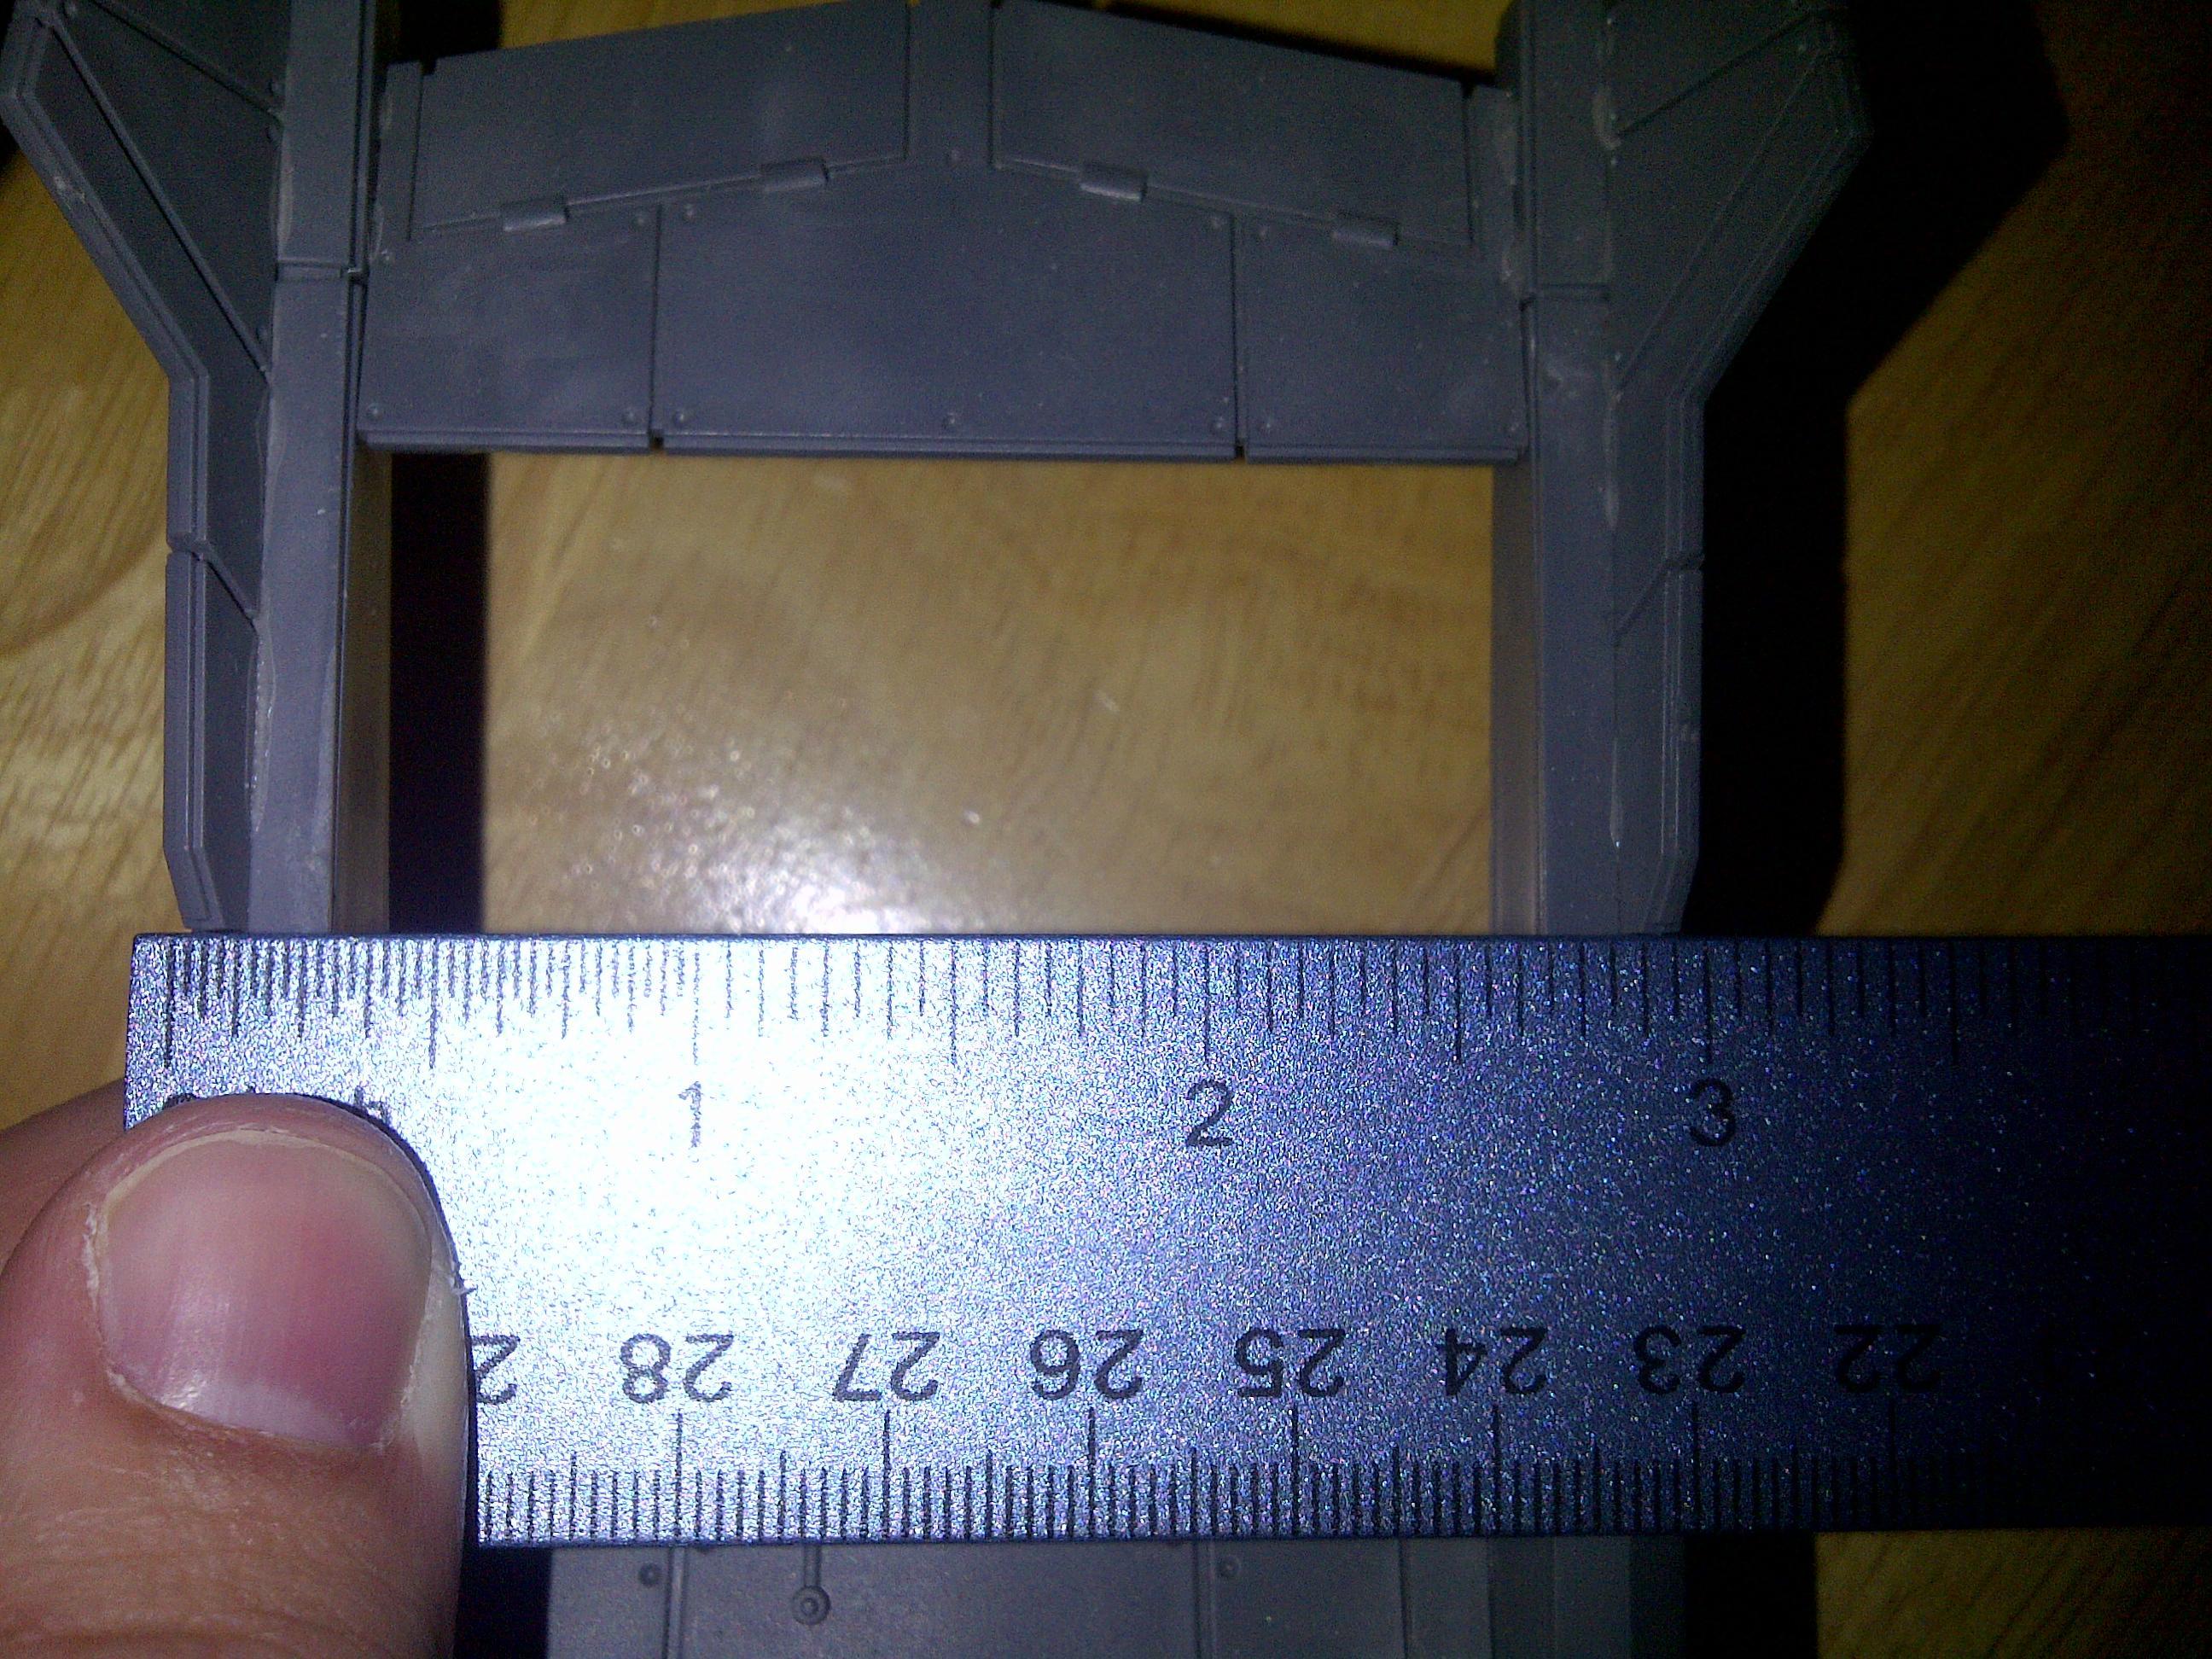 Measure 01